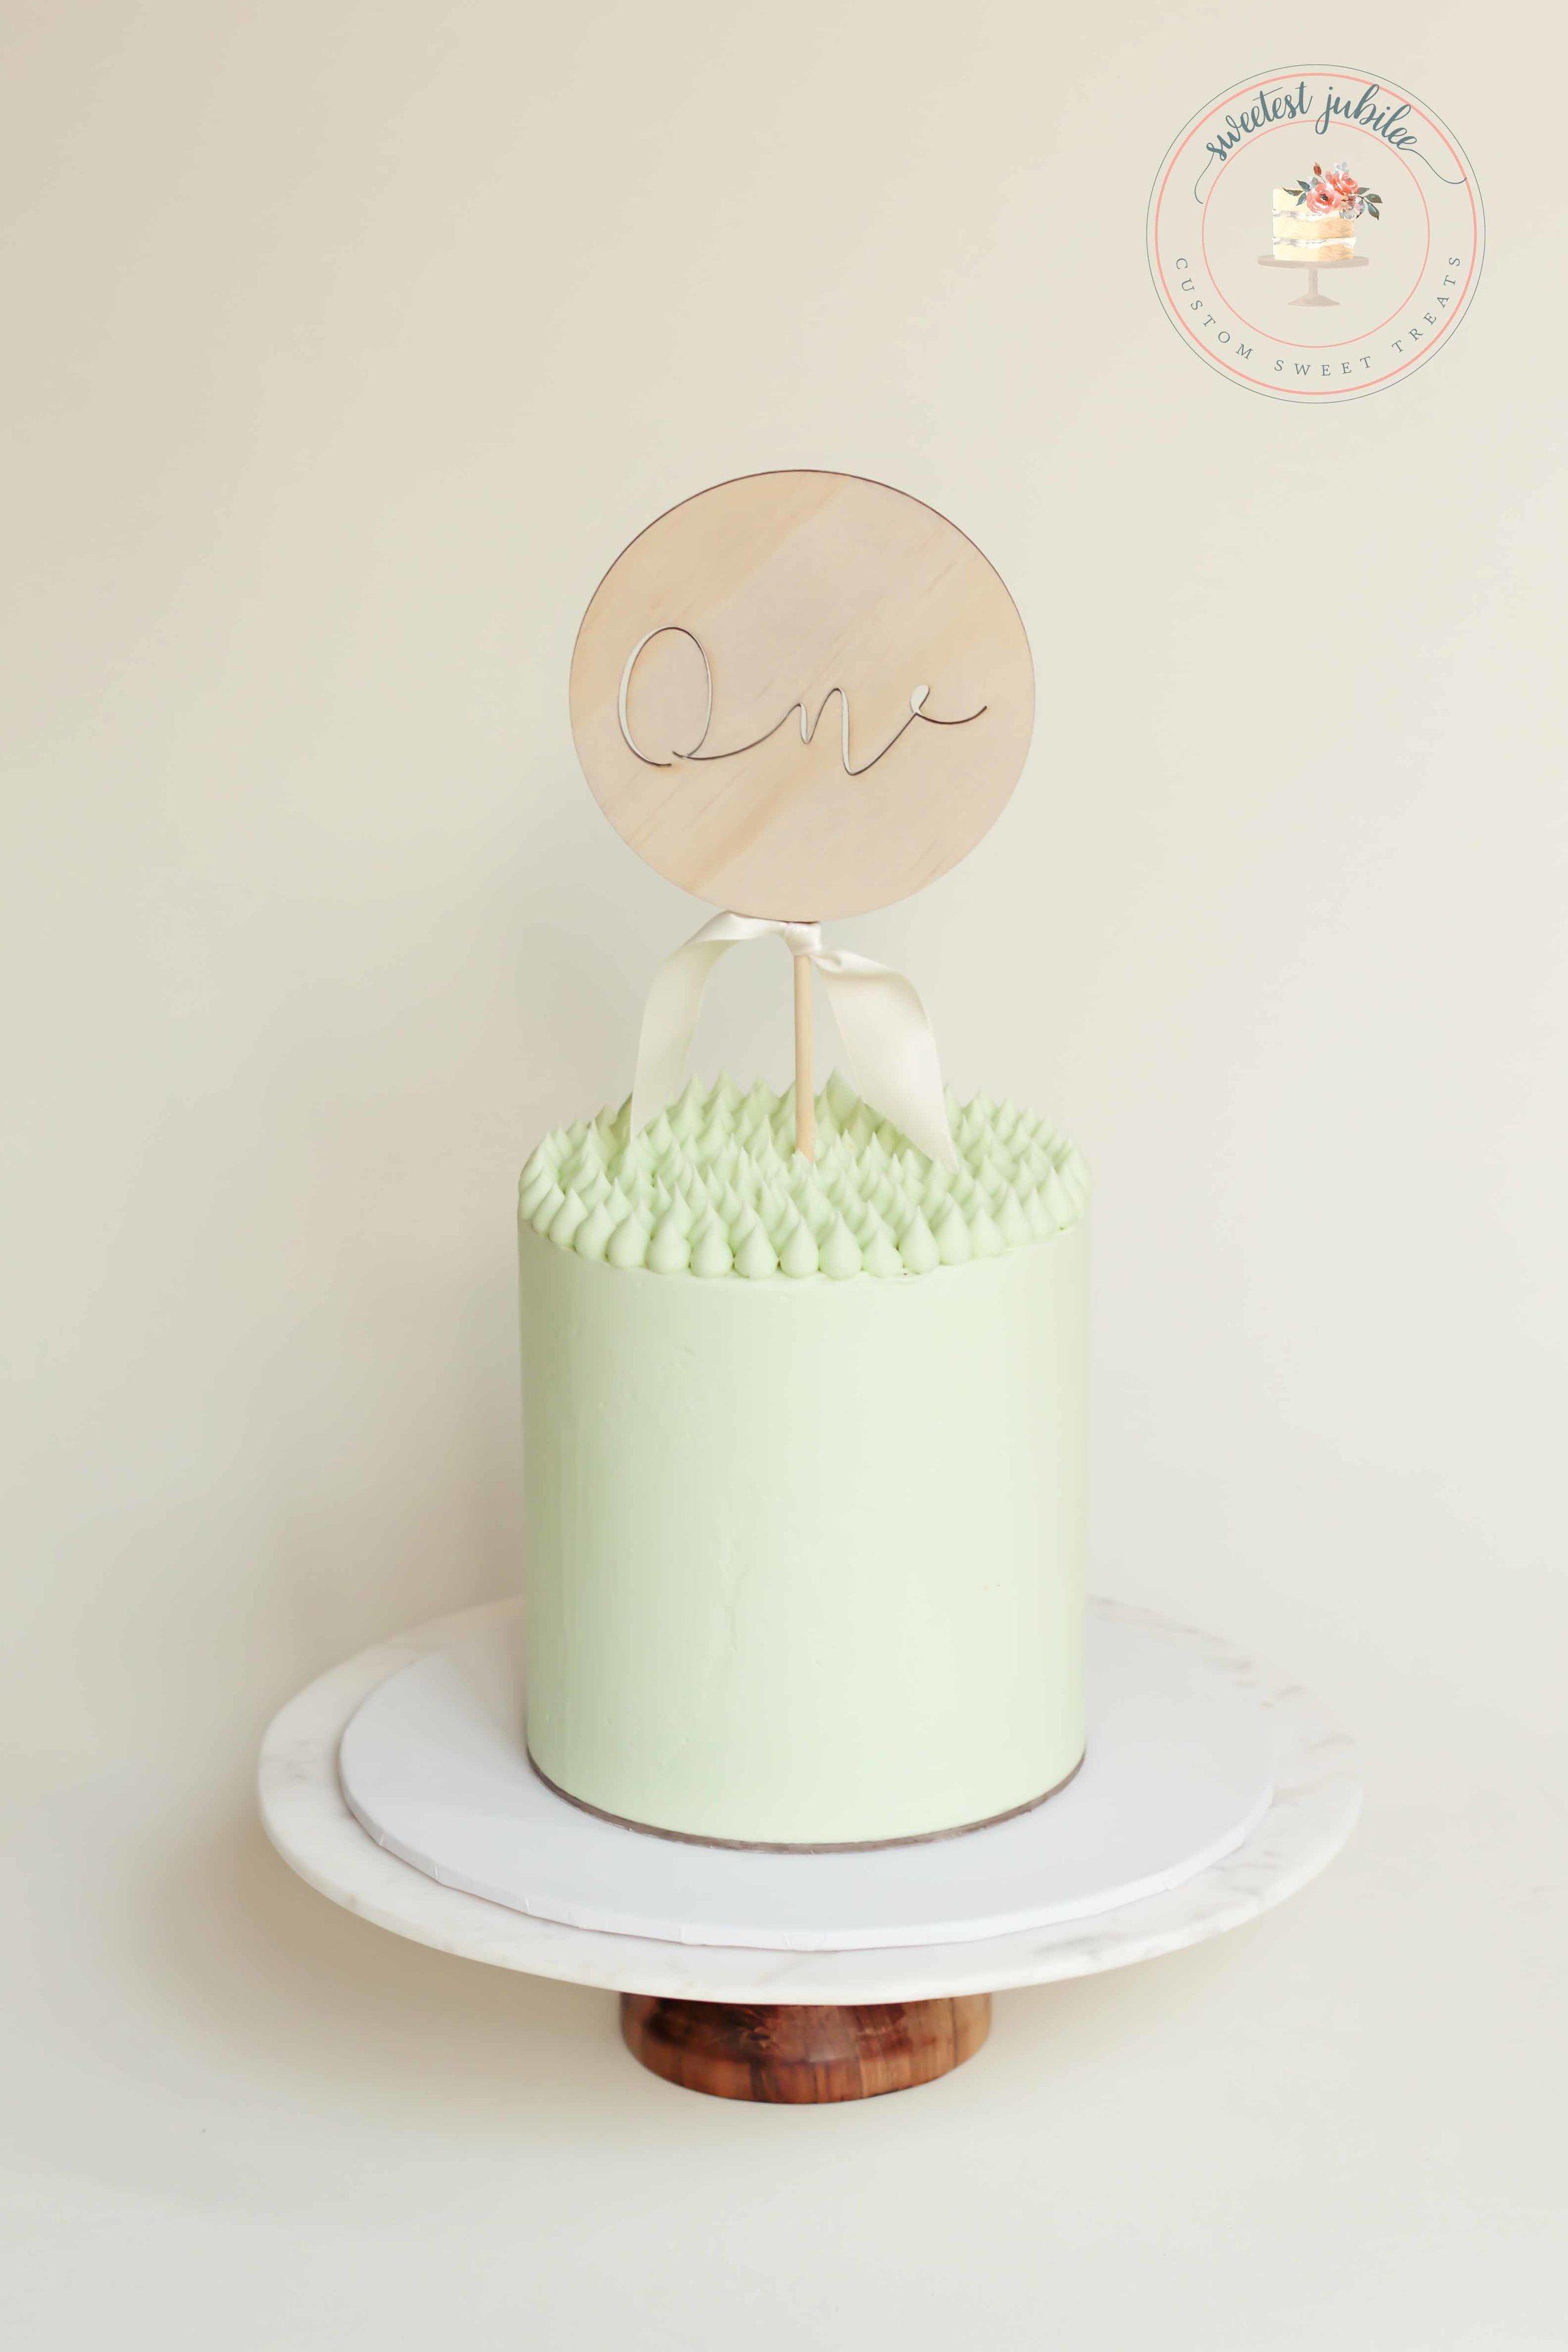 Angel - Louis cake.jpg